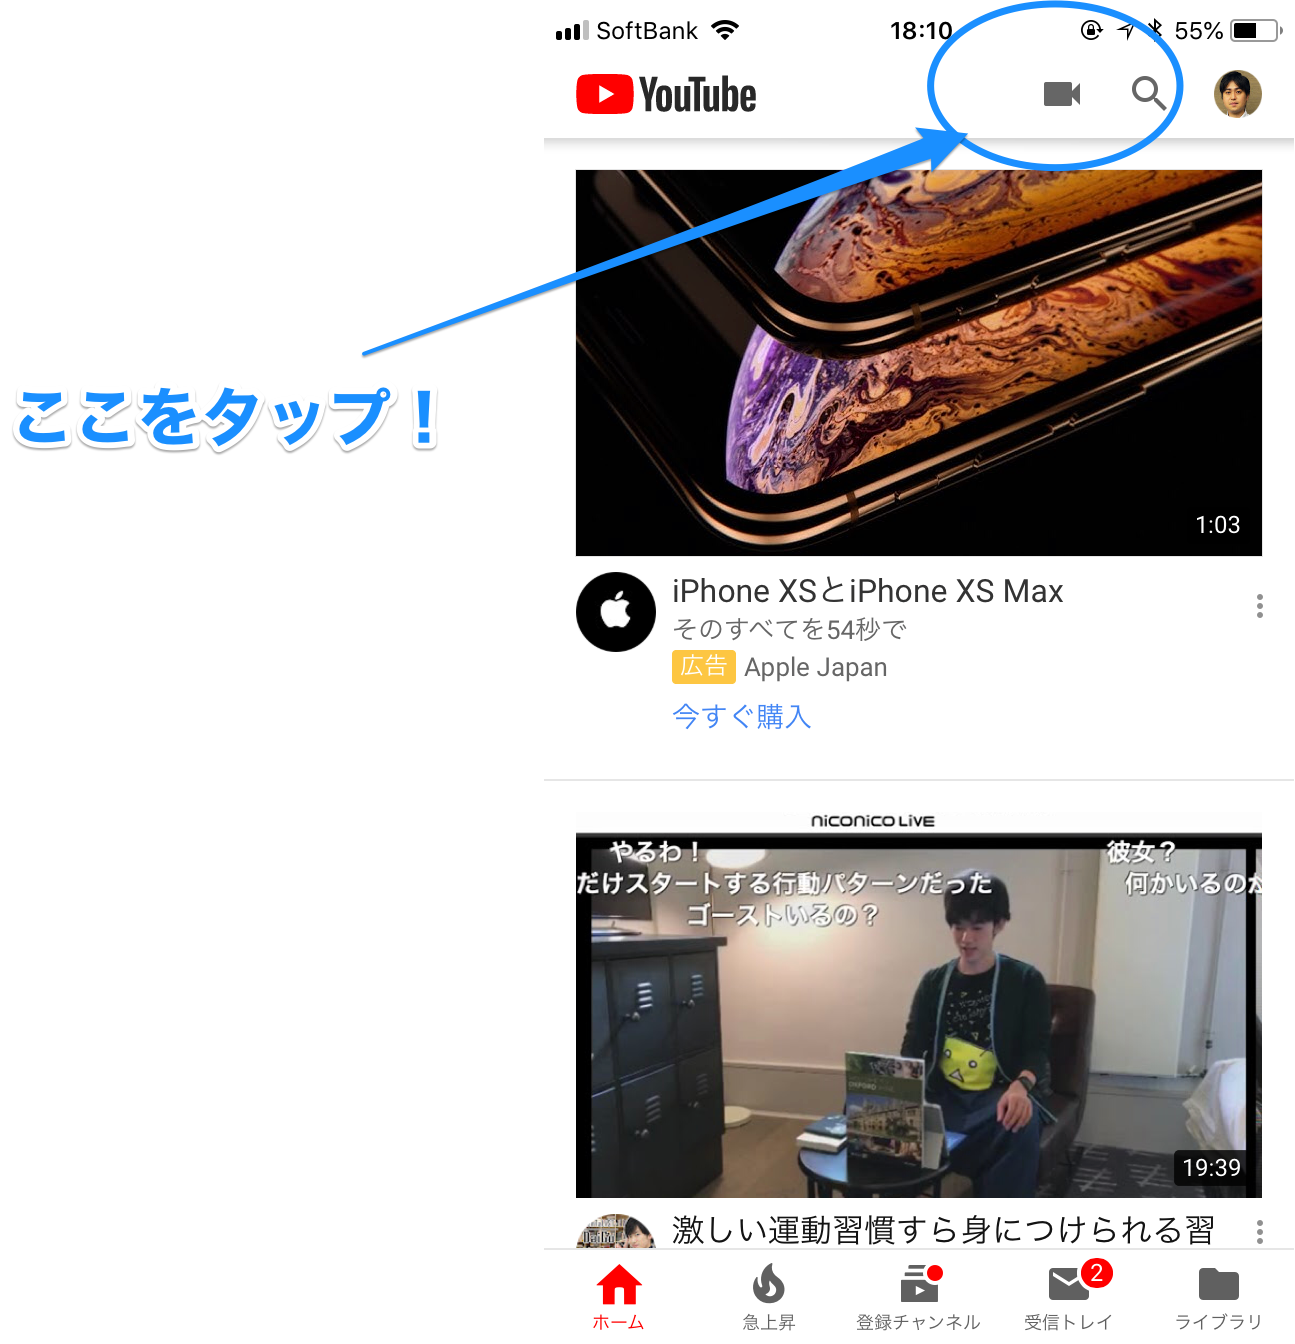 最速 YouTube スマホ 動画 上げる 方法